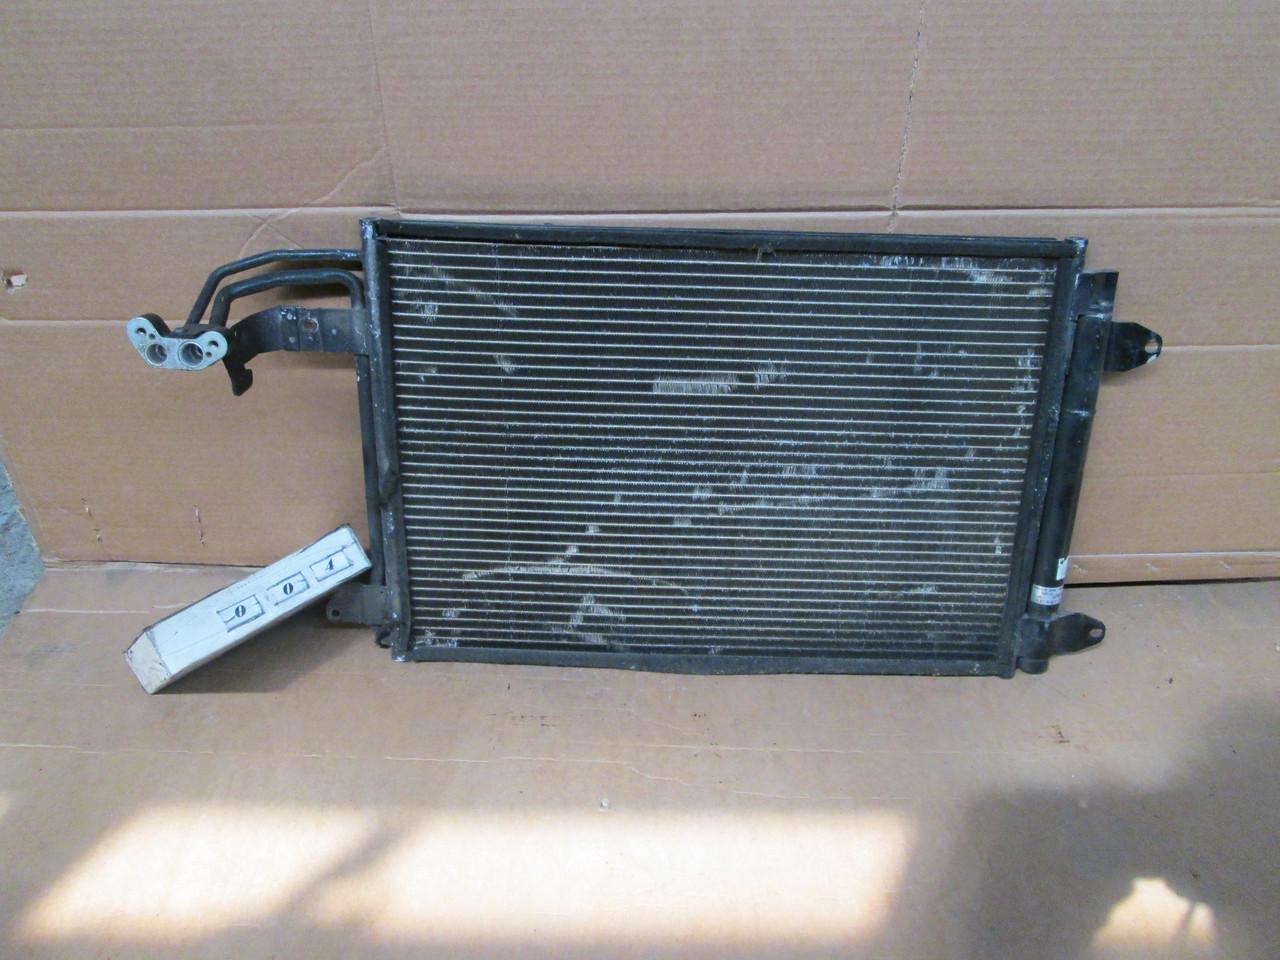 №4 Б/у радиатор кондиционера 1K0298403 для VW Golf V Caddy 2003-2009